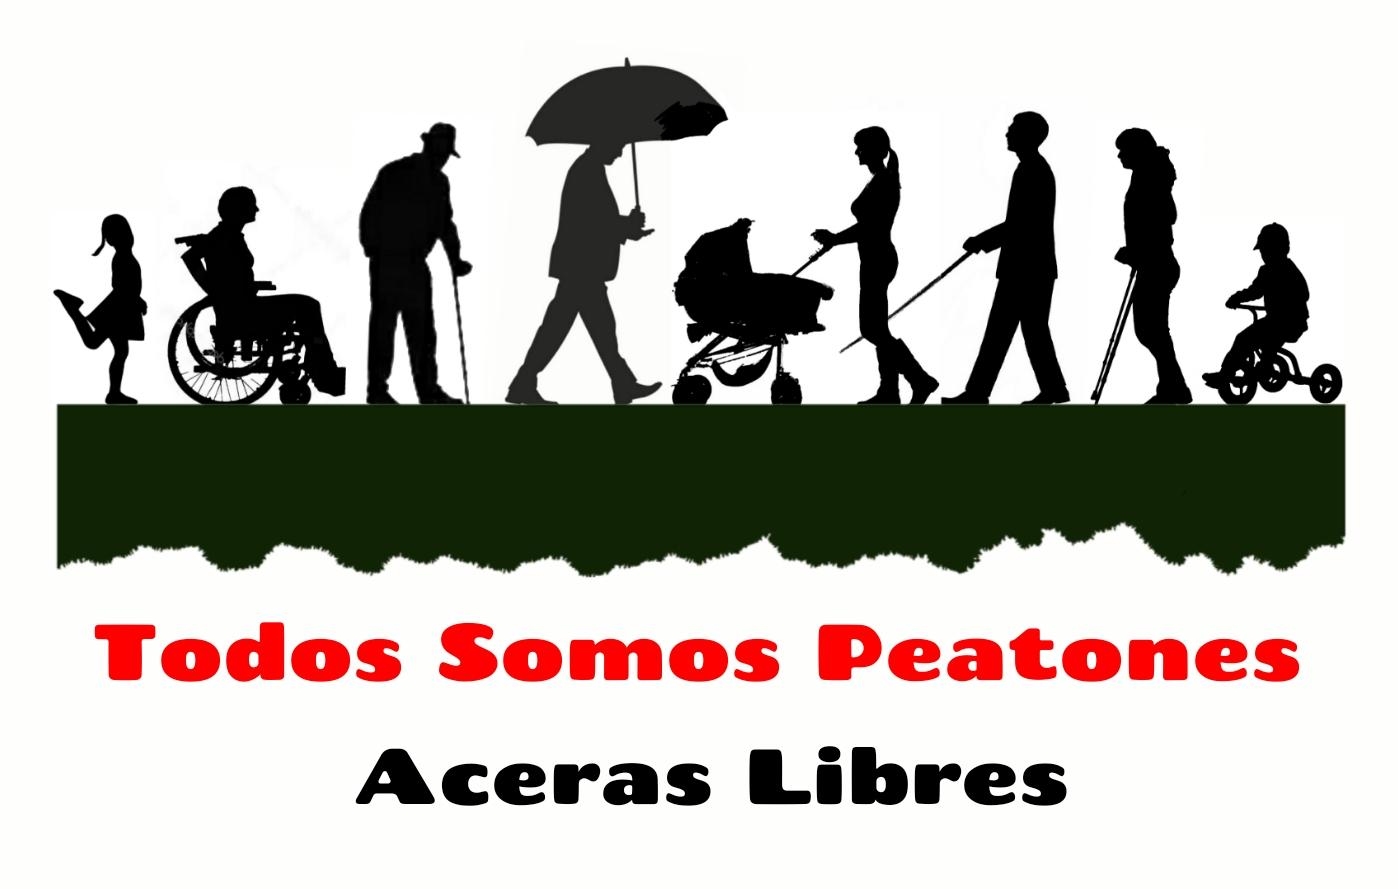 Aceras Peatones Libres